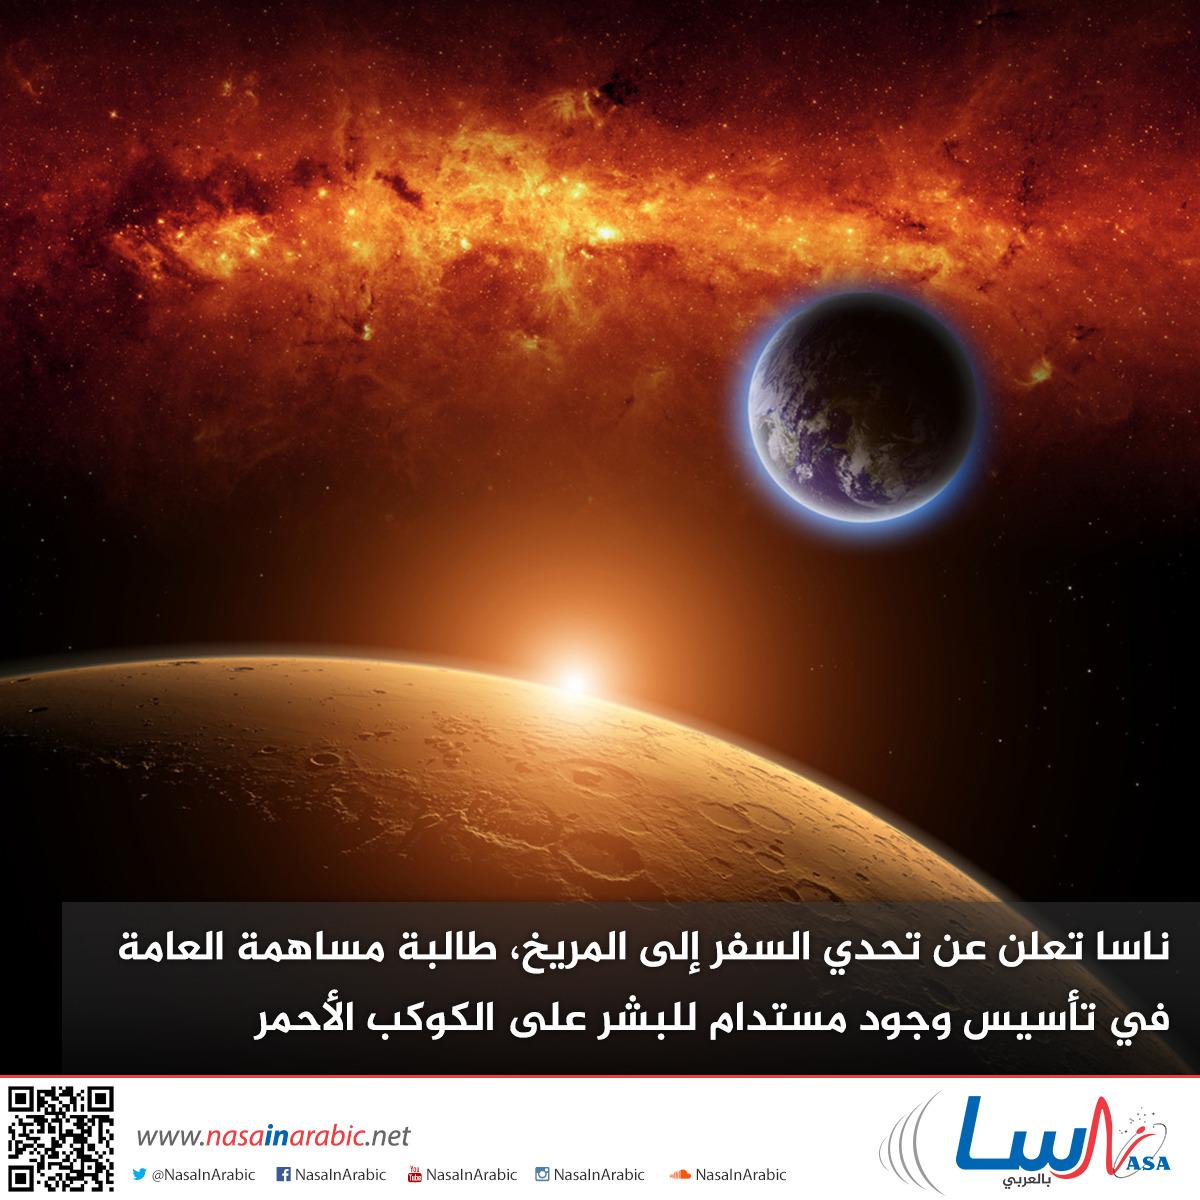 ناسا تعلن عن تحدي السفر إلى المريخ، طالبة مساهمة العامة في تأسيس وجود مستدام للبشر على الكوكب الأحمر